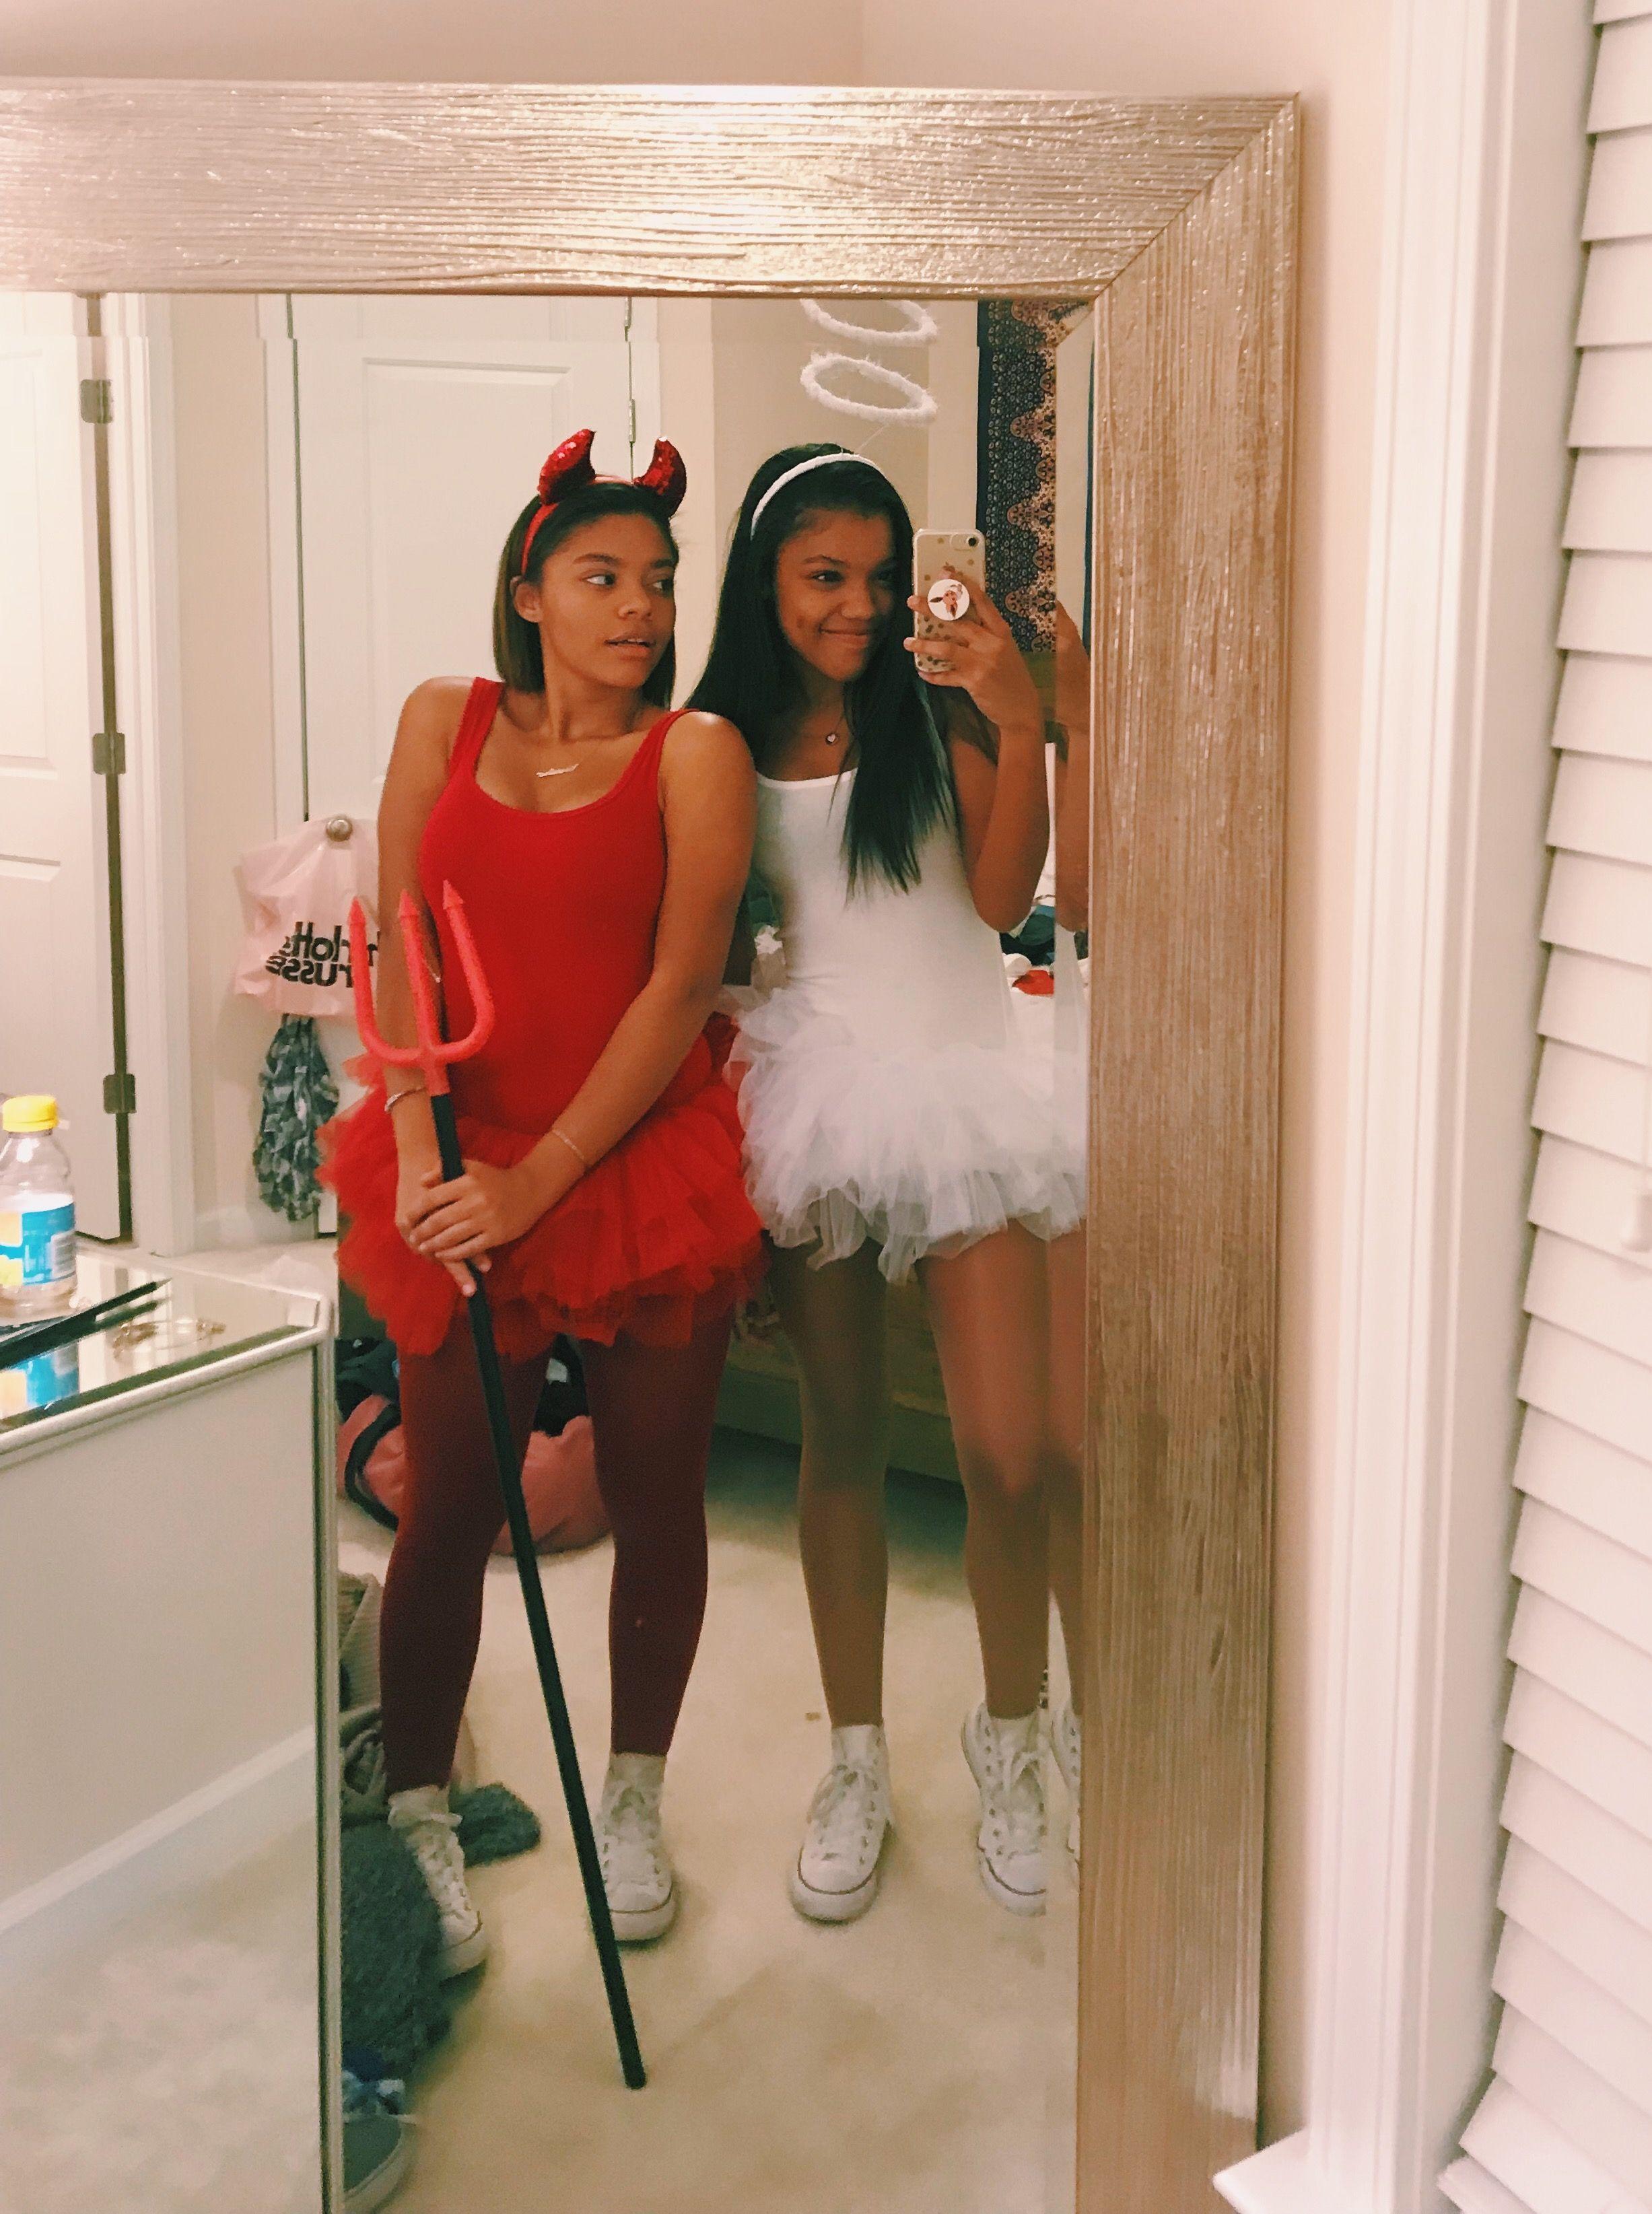 #Halloween #HalloweenParty #HalloweenKostüme #HalloweenMakeup #AngelandDevil,  #AngelandDevil... #bffhalloweencostumes